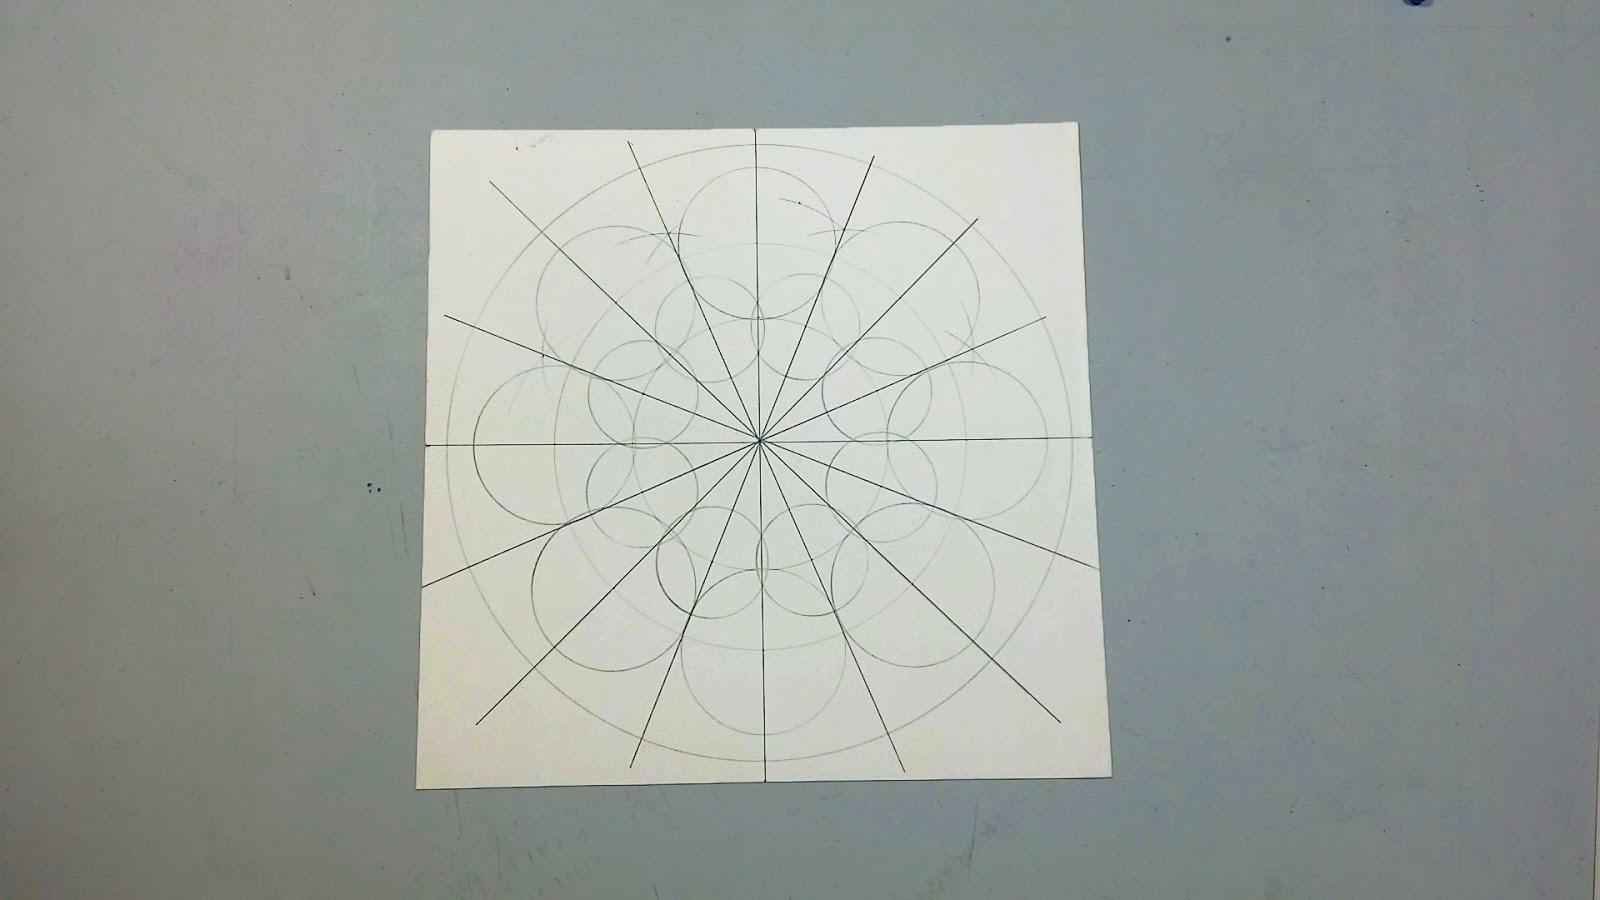 Dibujando Con Delein Como Hacer Una Libreta De Dibujo: Dibujando Con Delein